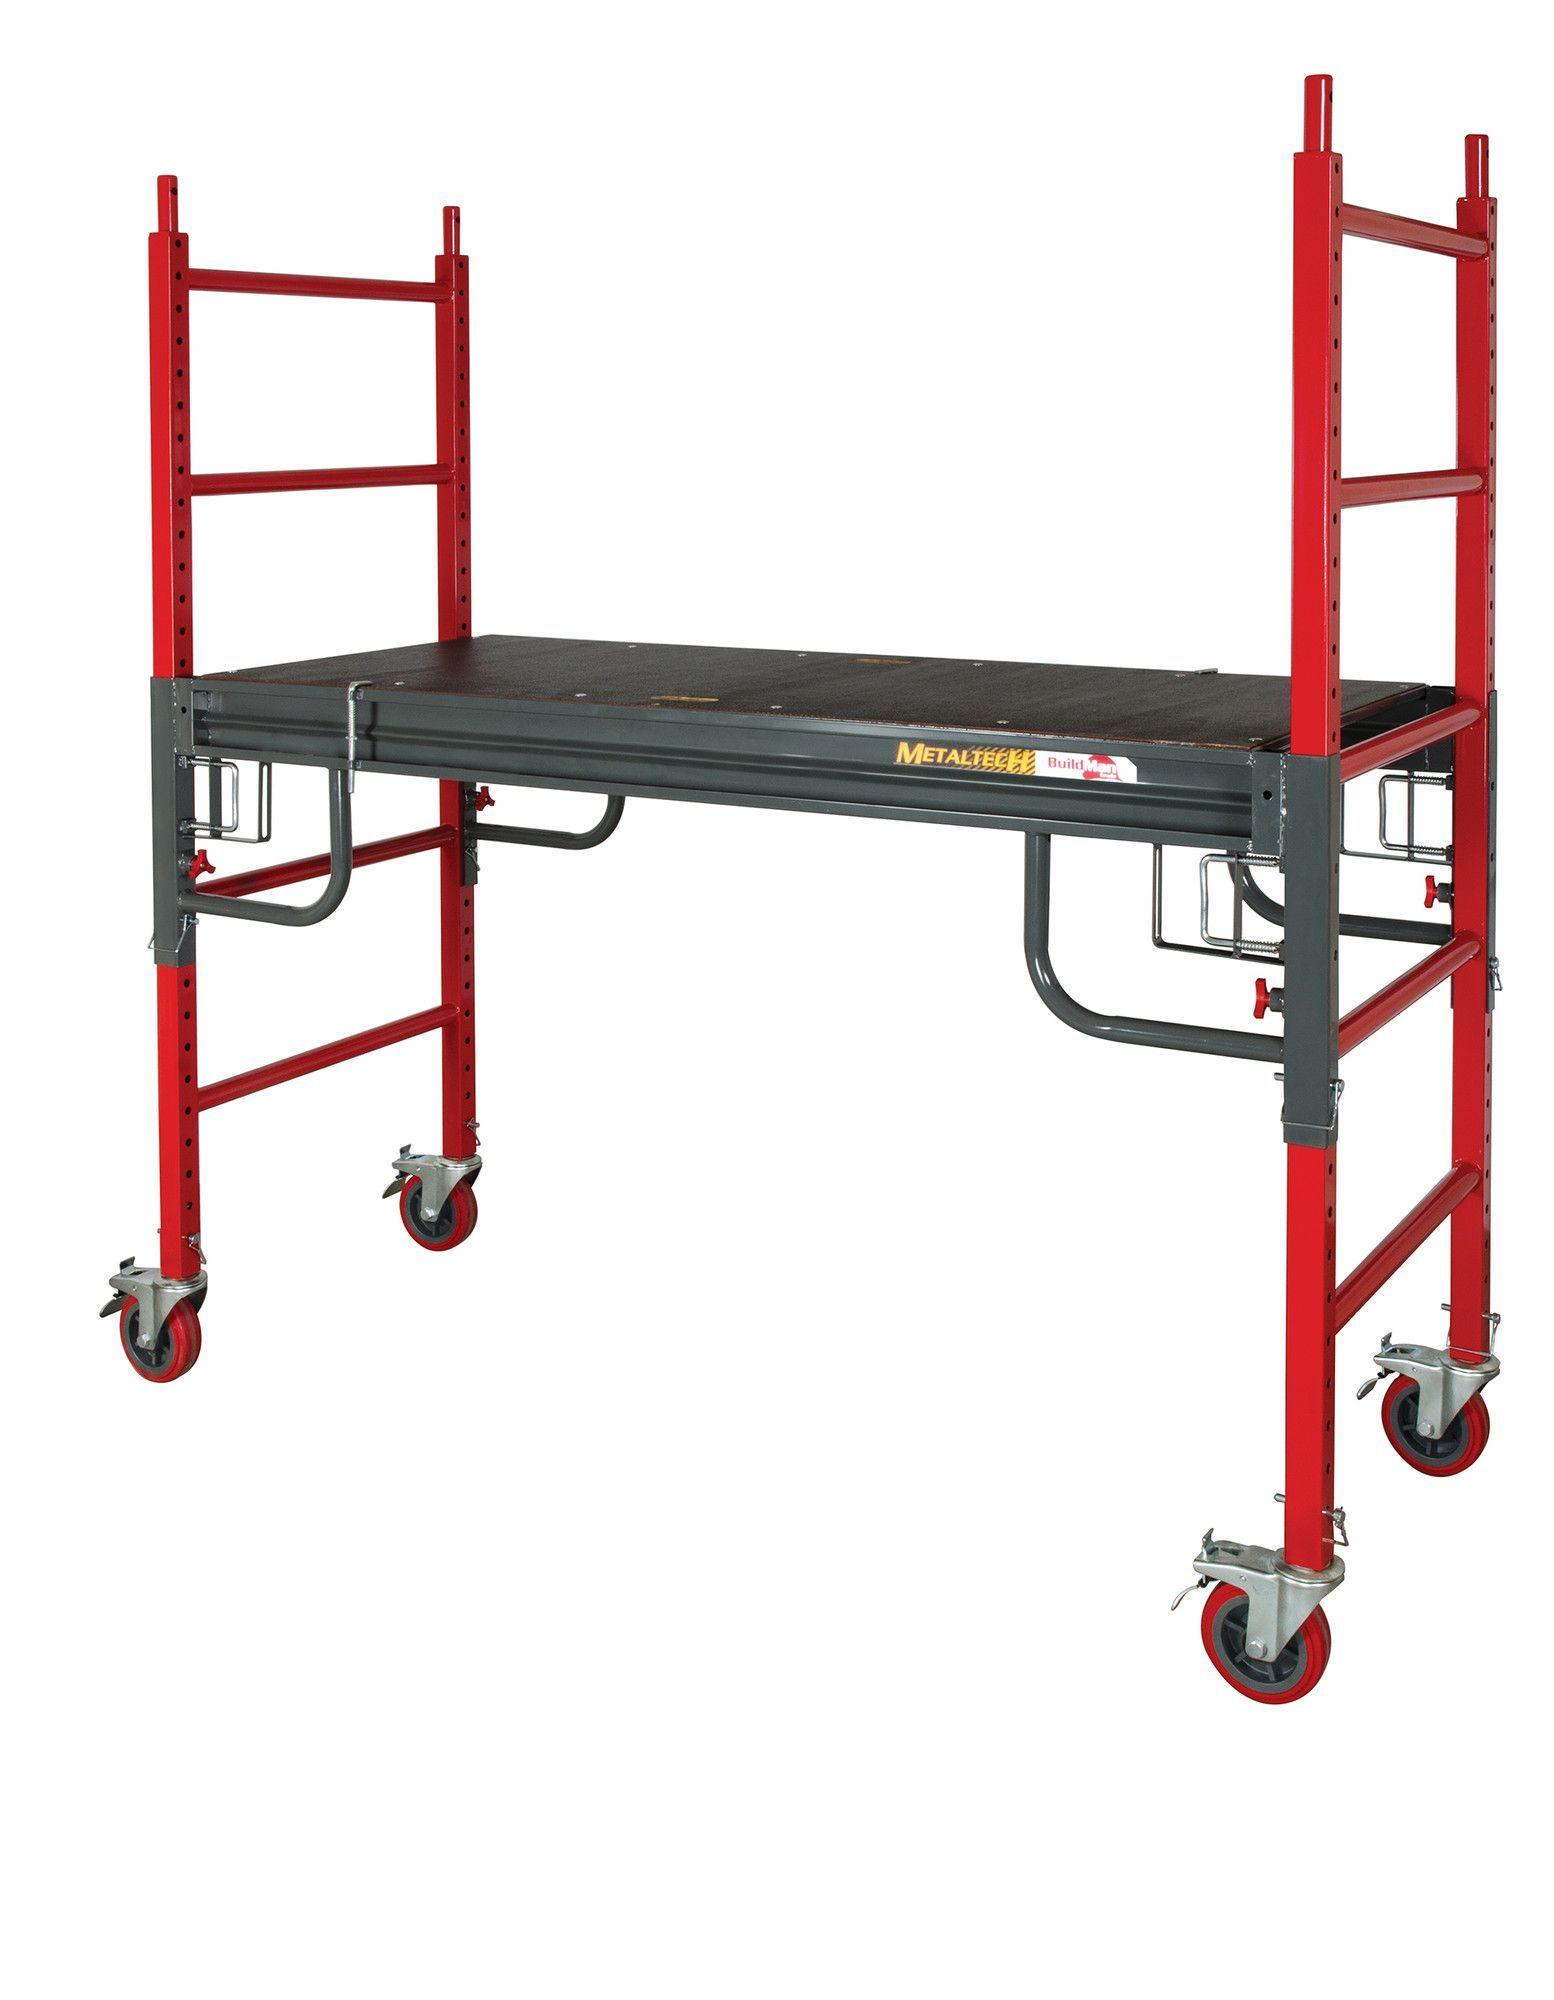 Buildman Series 6 33 H X 75 72 W X 30 96 D Steel Heavy Duty